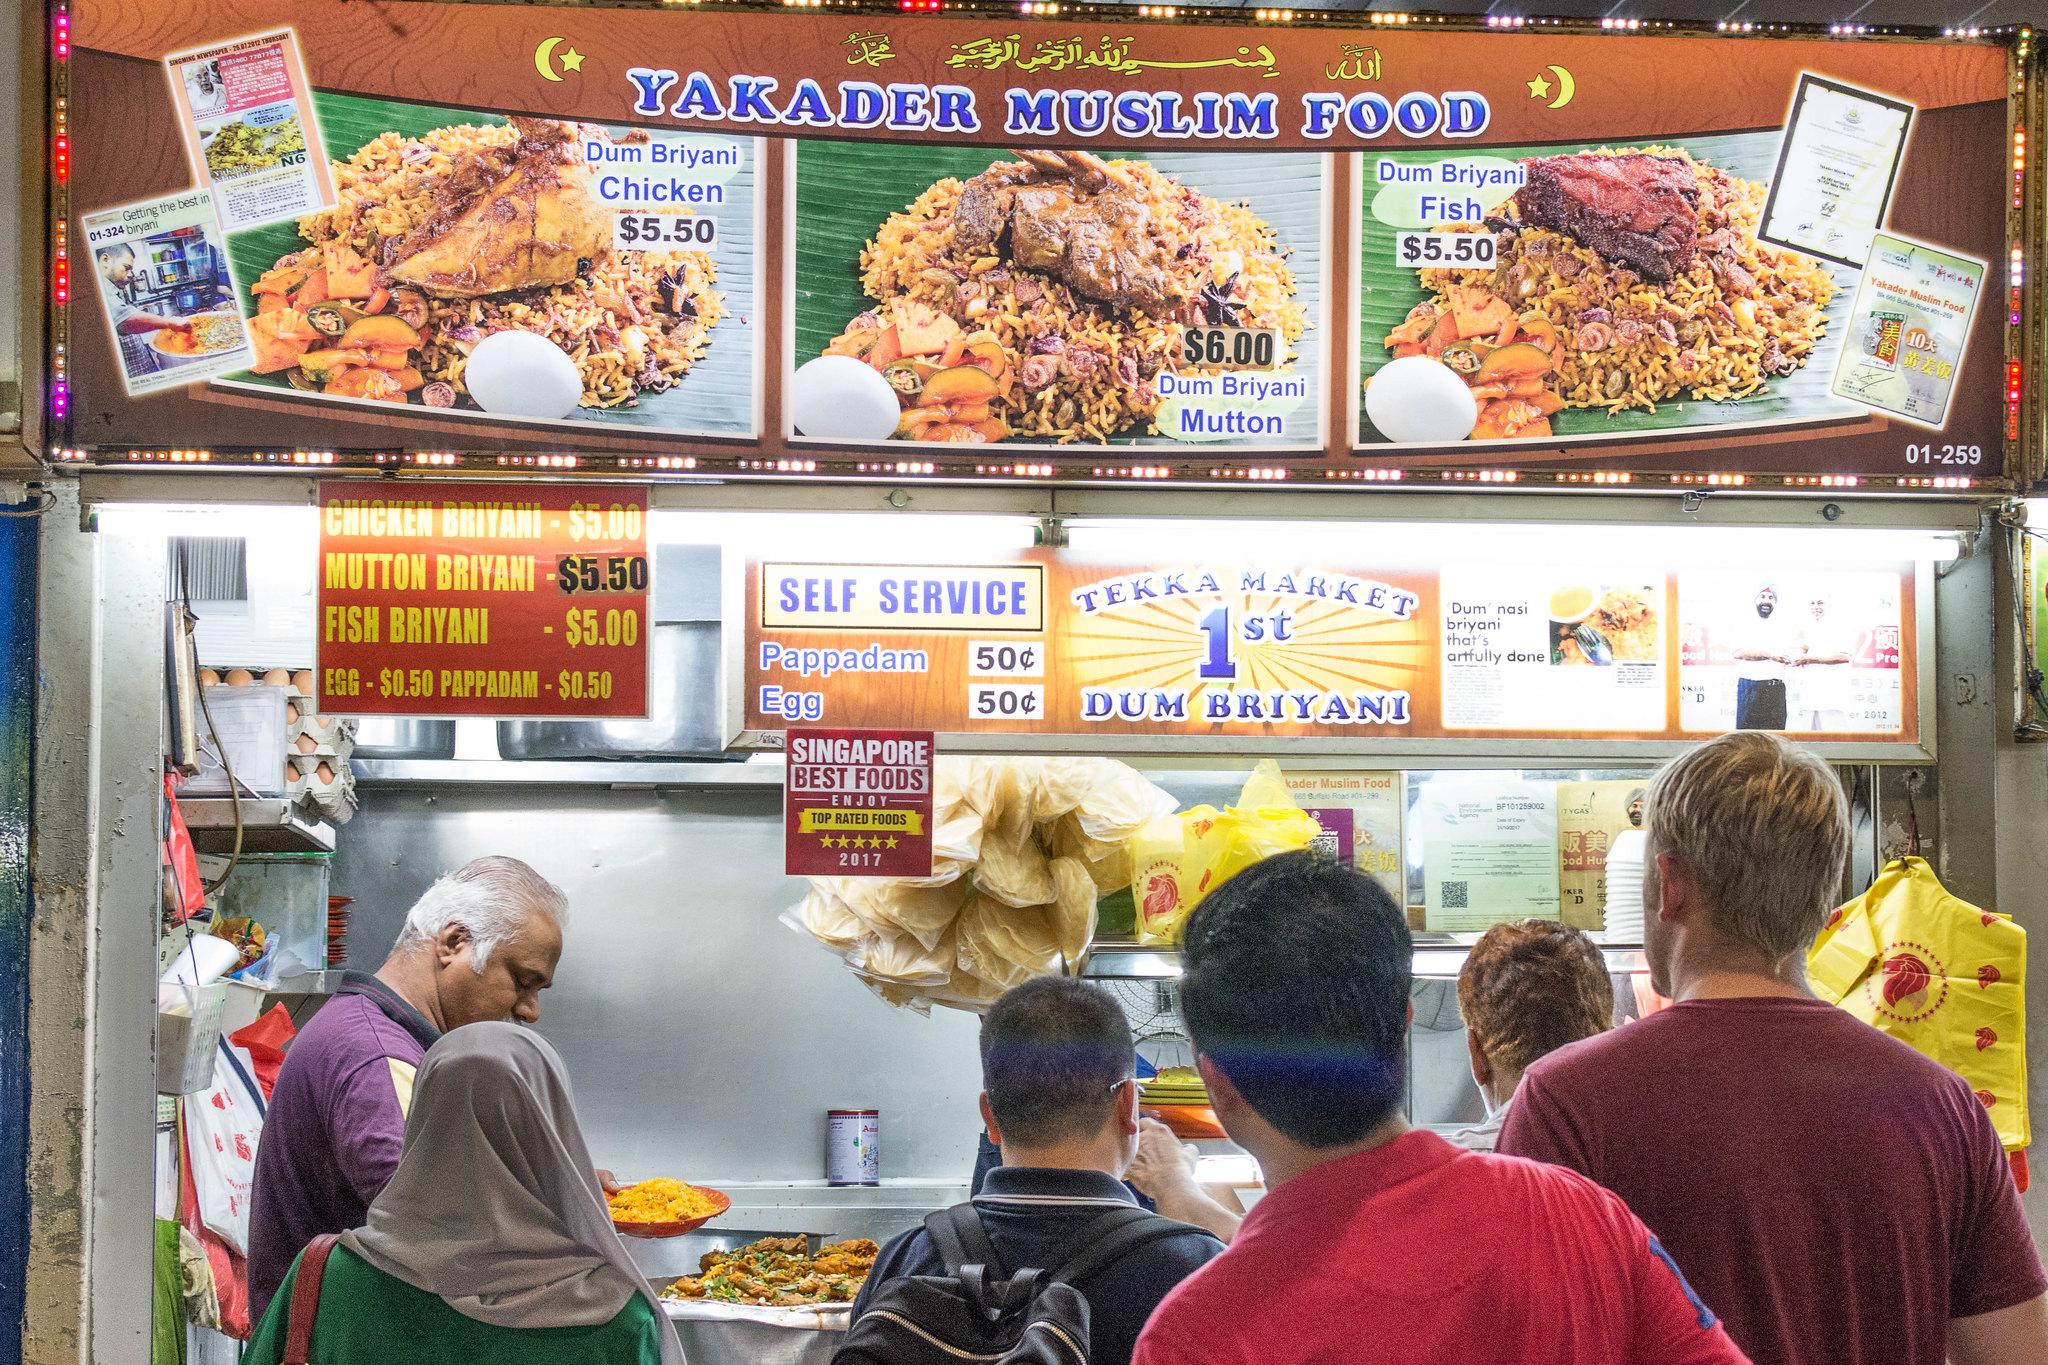 Biryani_Yakader_Muslim_Food